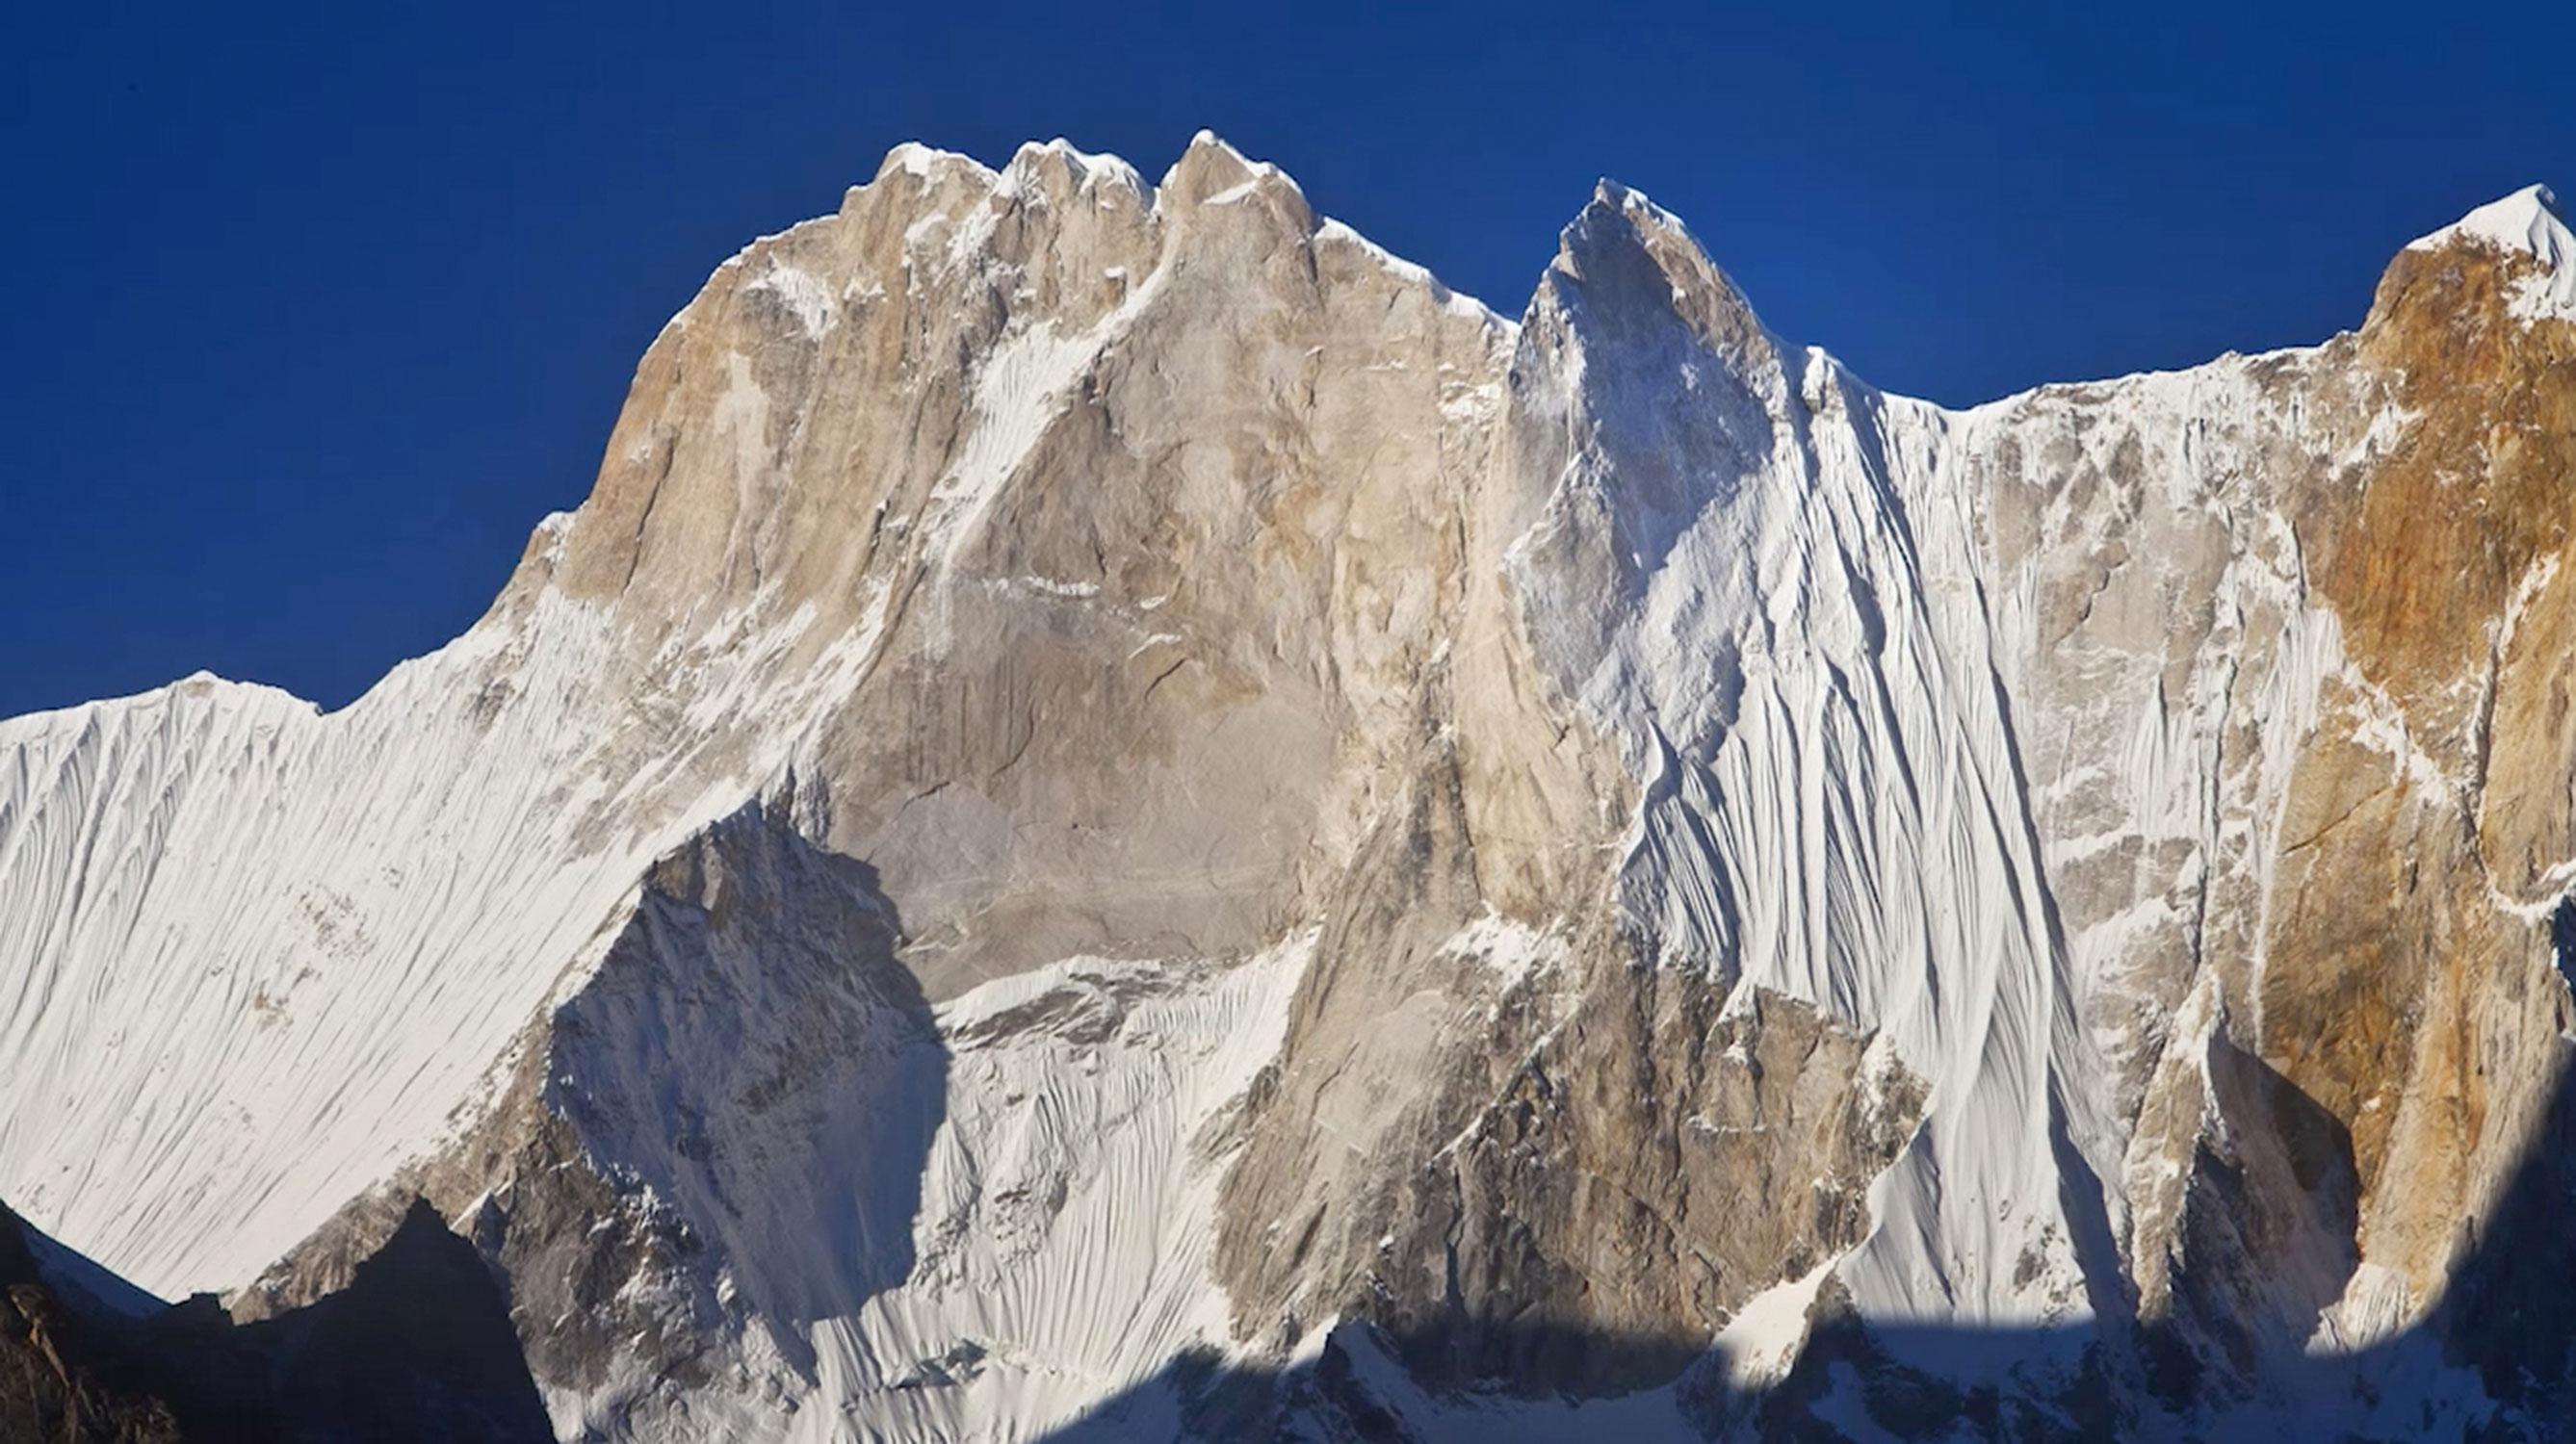 映画「MERU(メルー)」の山ってどこにあるの?インド北部、ヒマラヤ山脈の一部になるとの事。